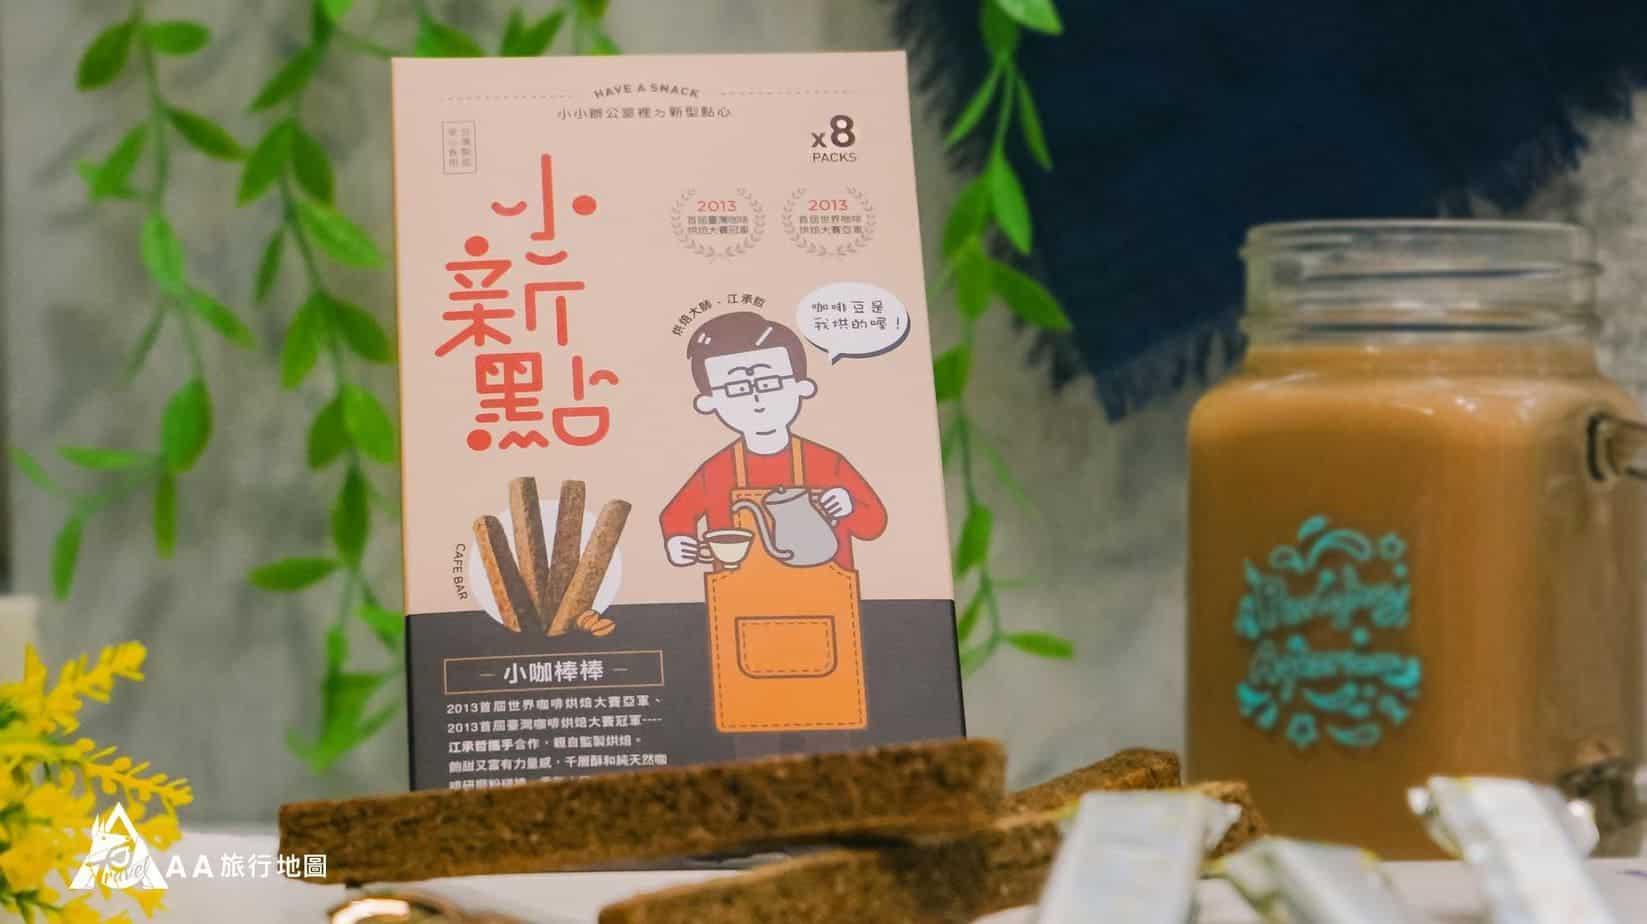 小新點 得獎大師江承哲的咖啡豆,很香很好吃